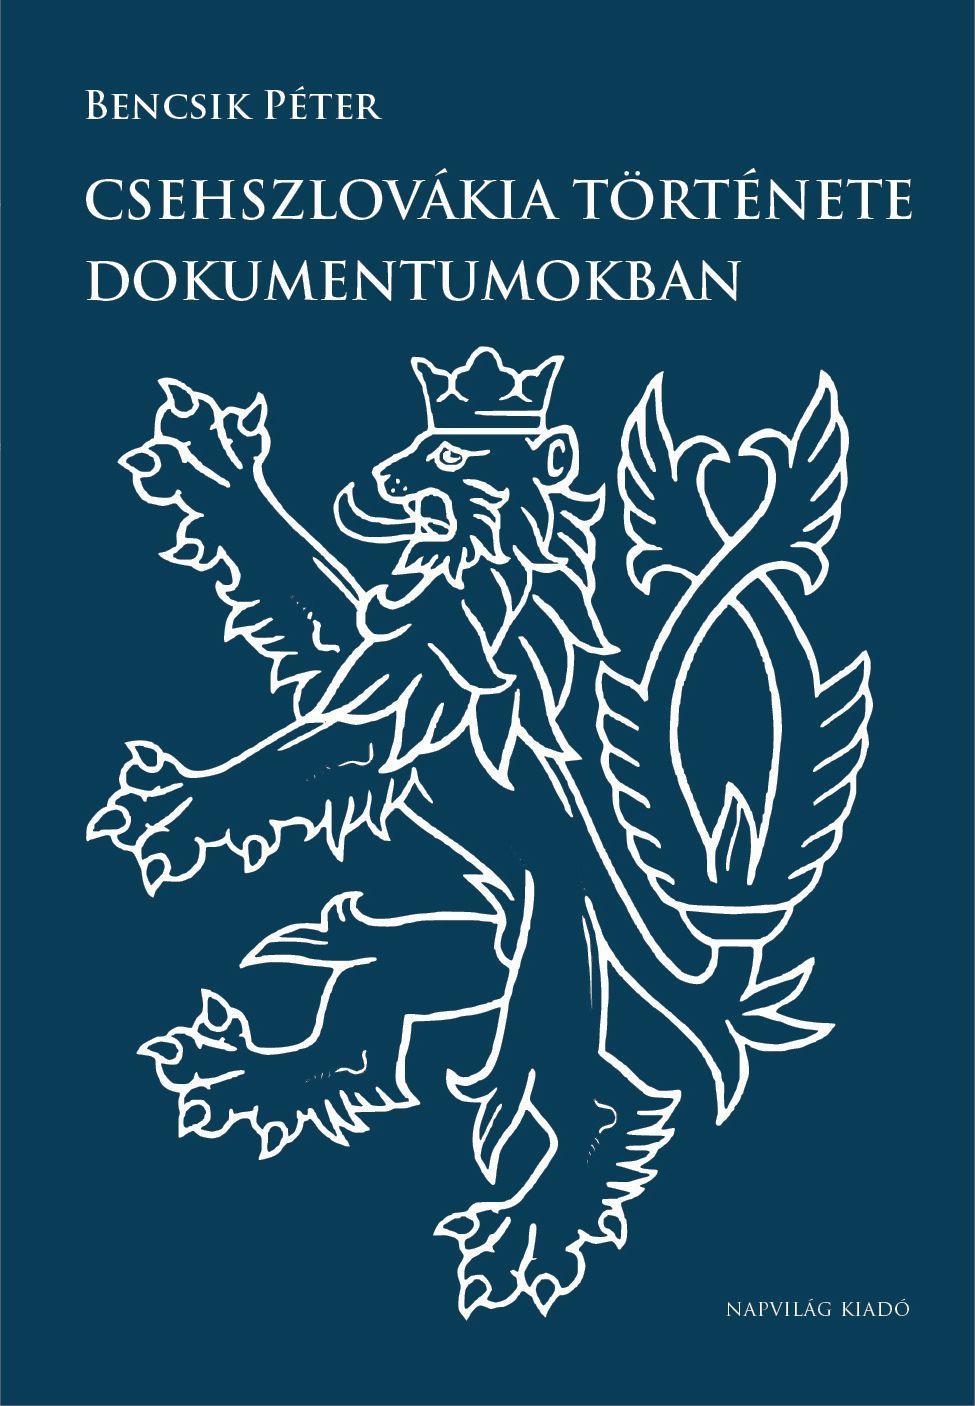 CSEHSZLOVÁKIA TÖRTÉNETE DOKUMENTUMOKBAN